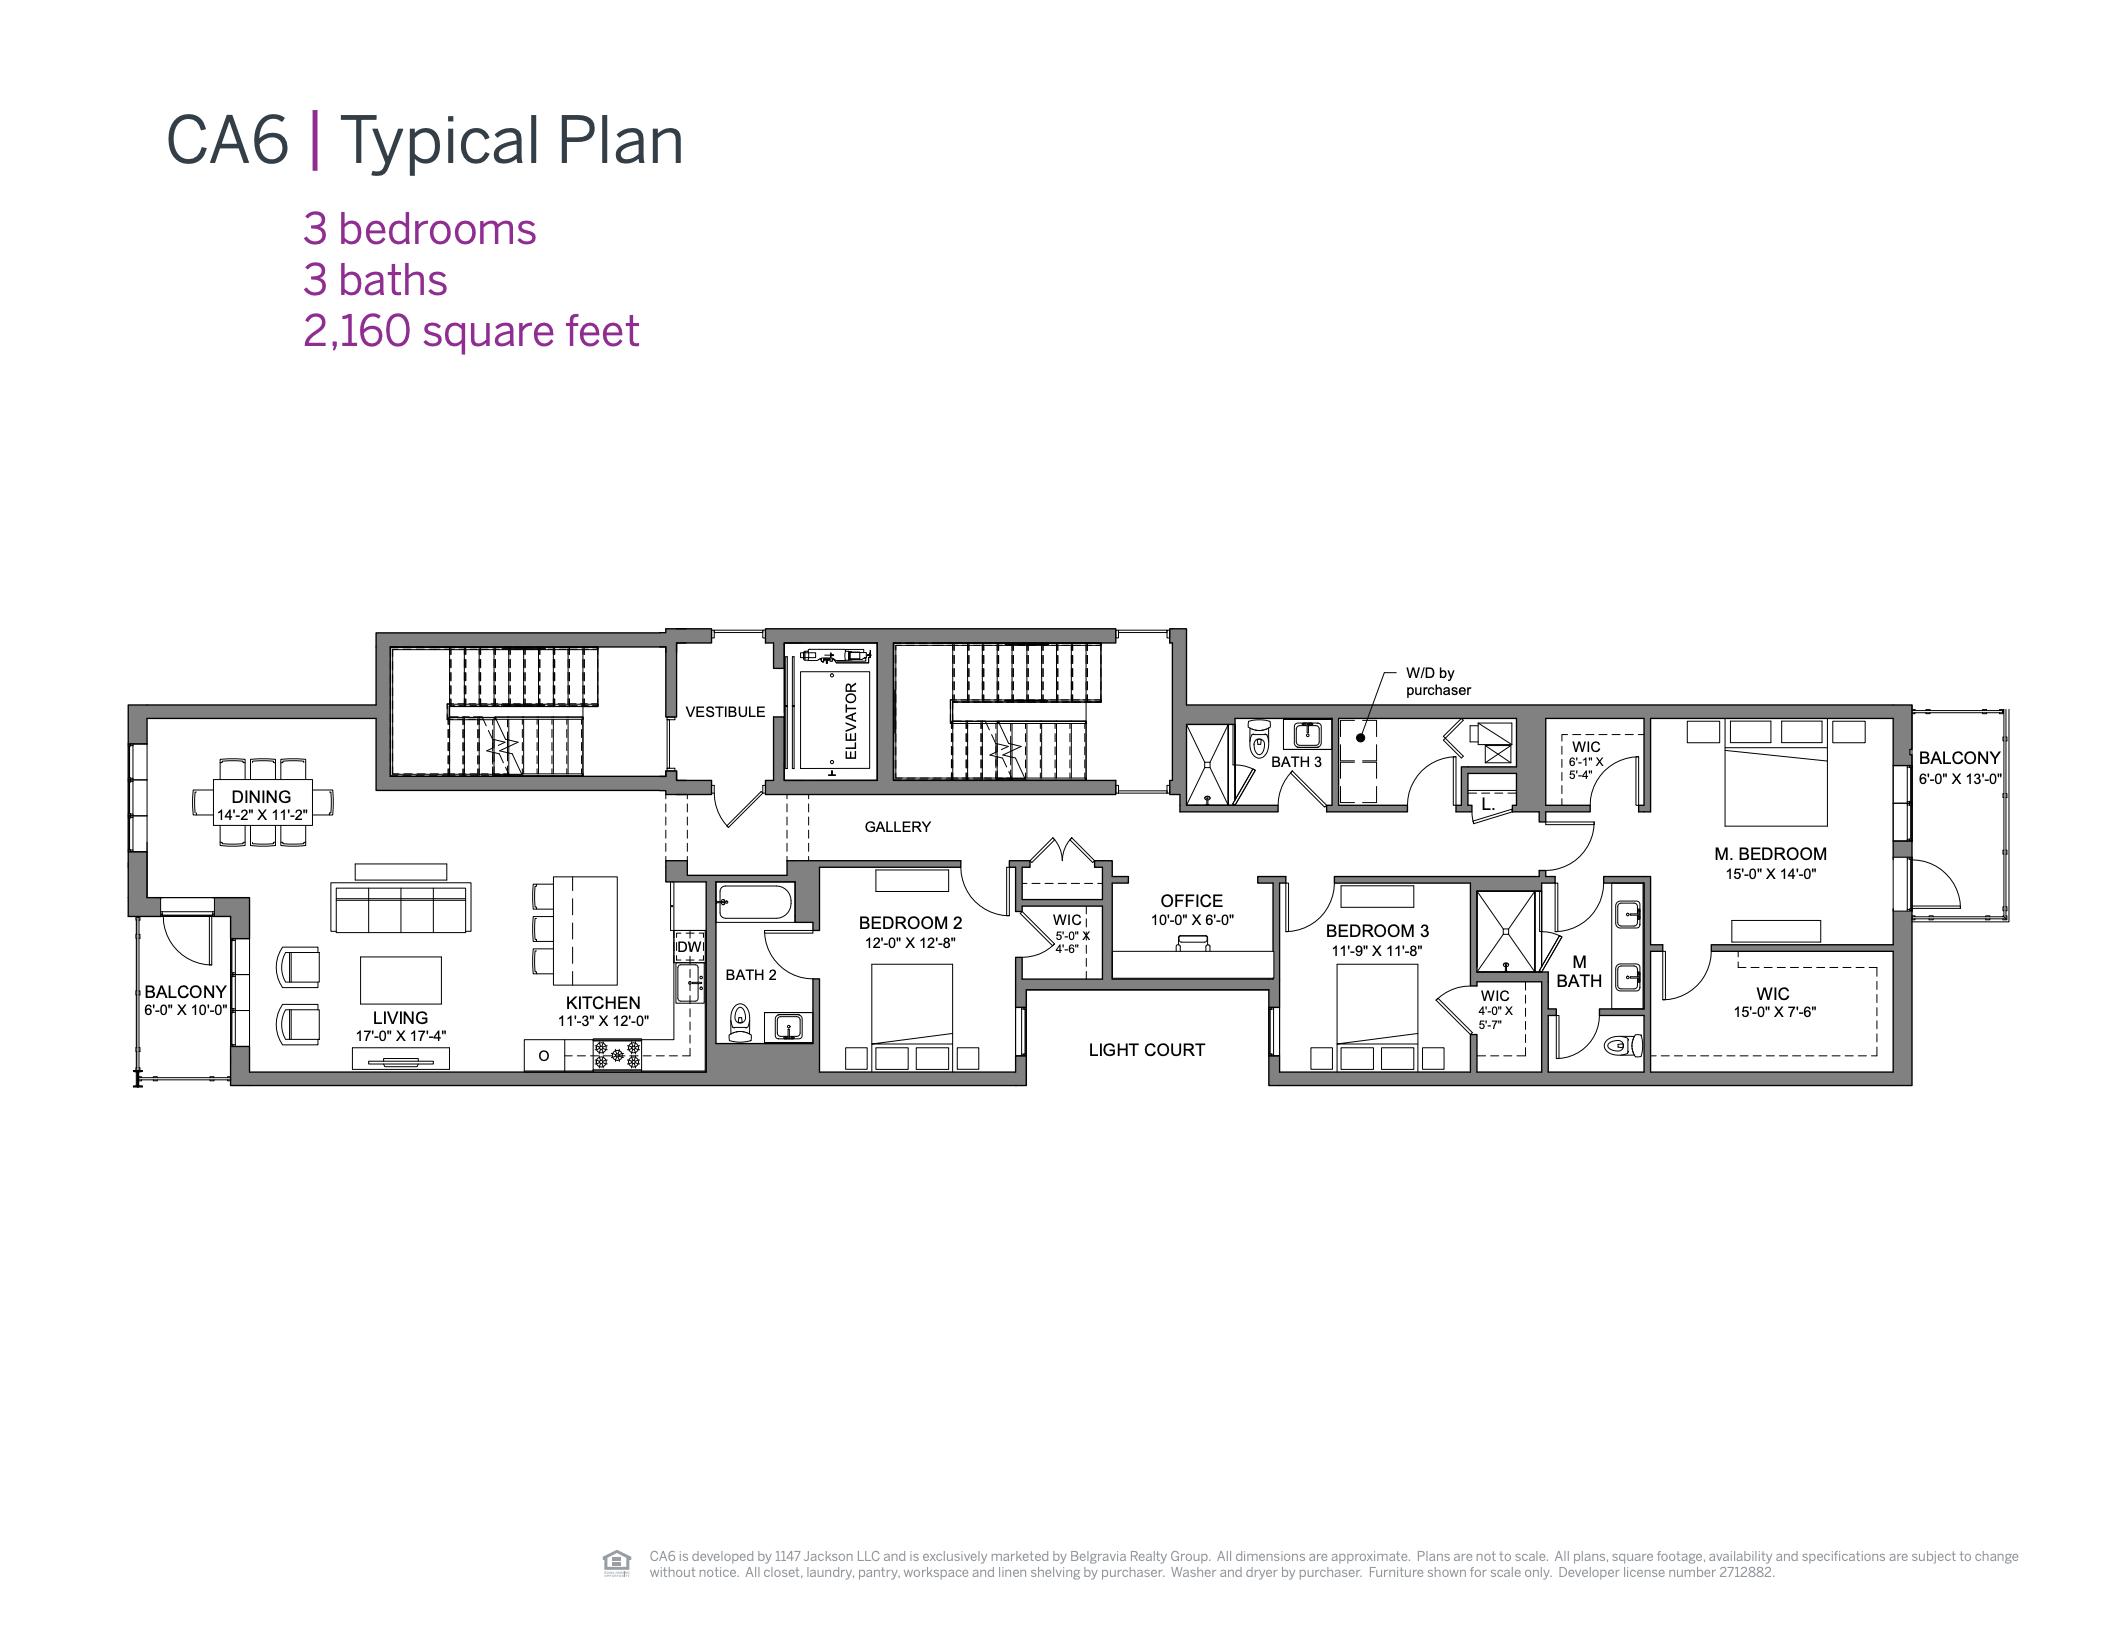 CA6 Condominiums typical floor plan (three bedroom)